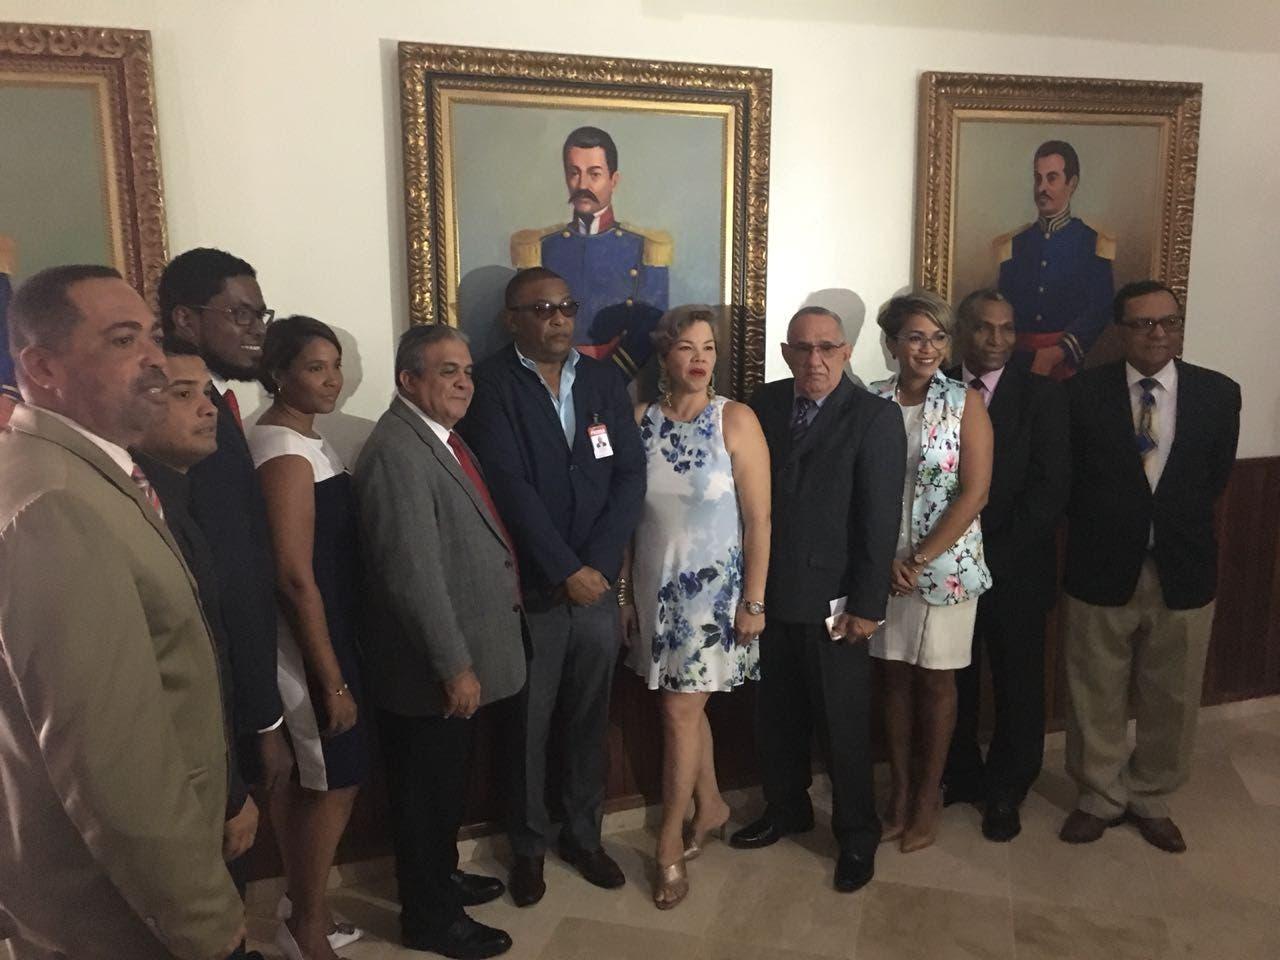 Miembros de la directiva de APEFUMI que fueron juramentados hoy. Foto: fuente externa.